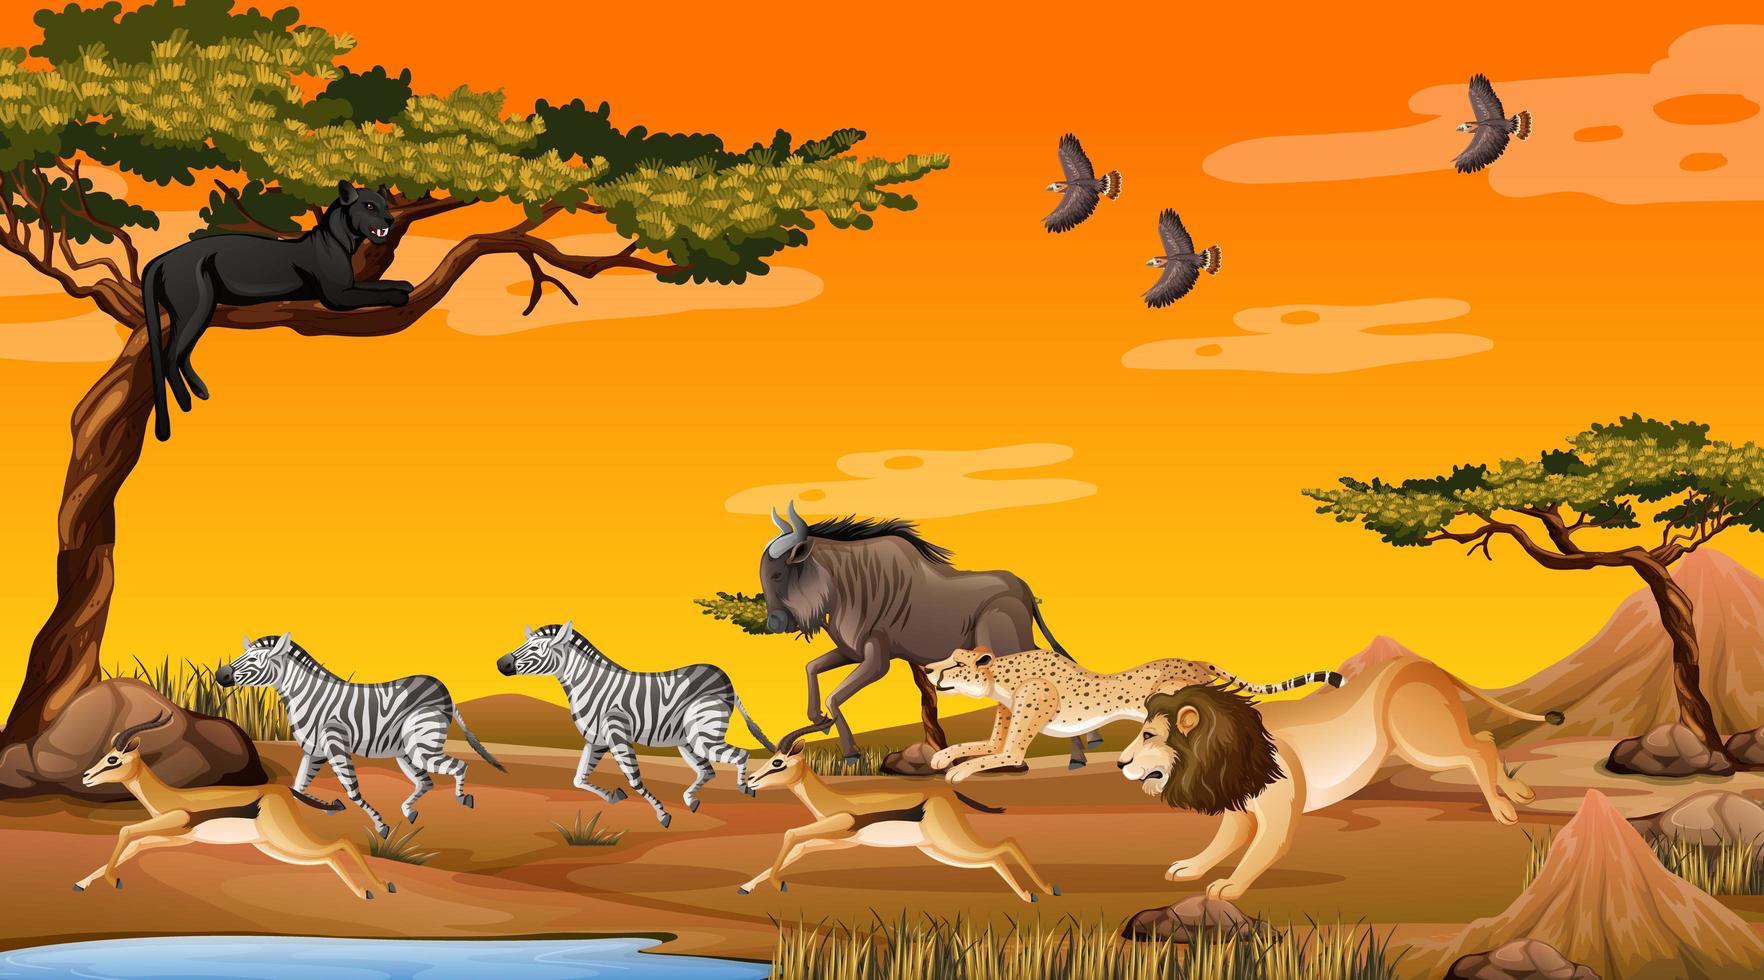 grupp av vilda afrikanska djur i skogen scen vektor